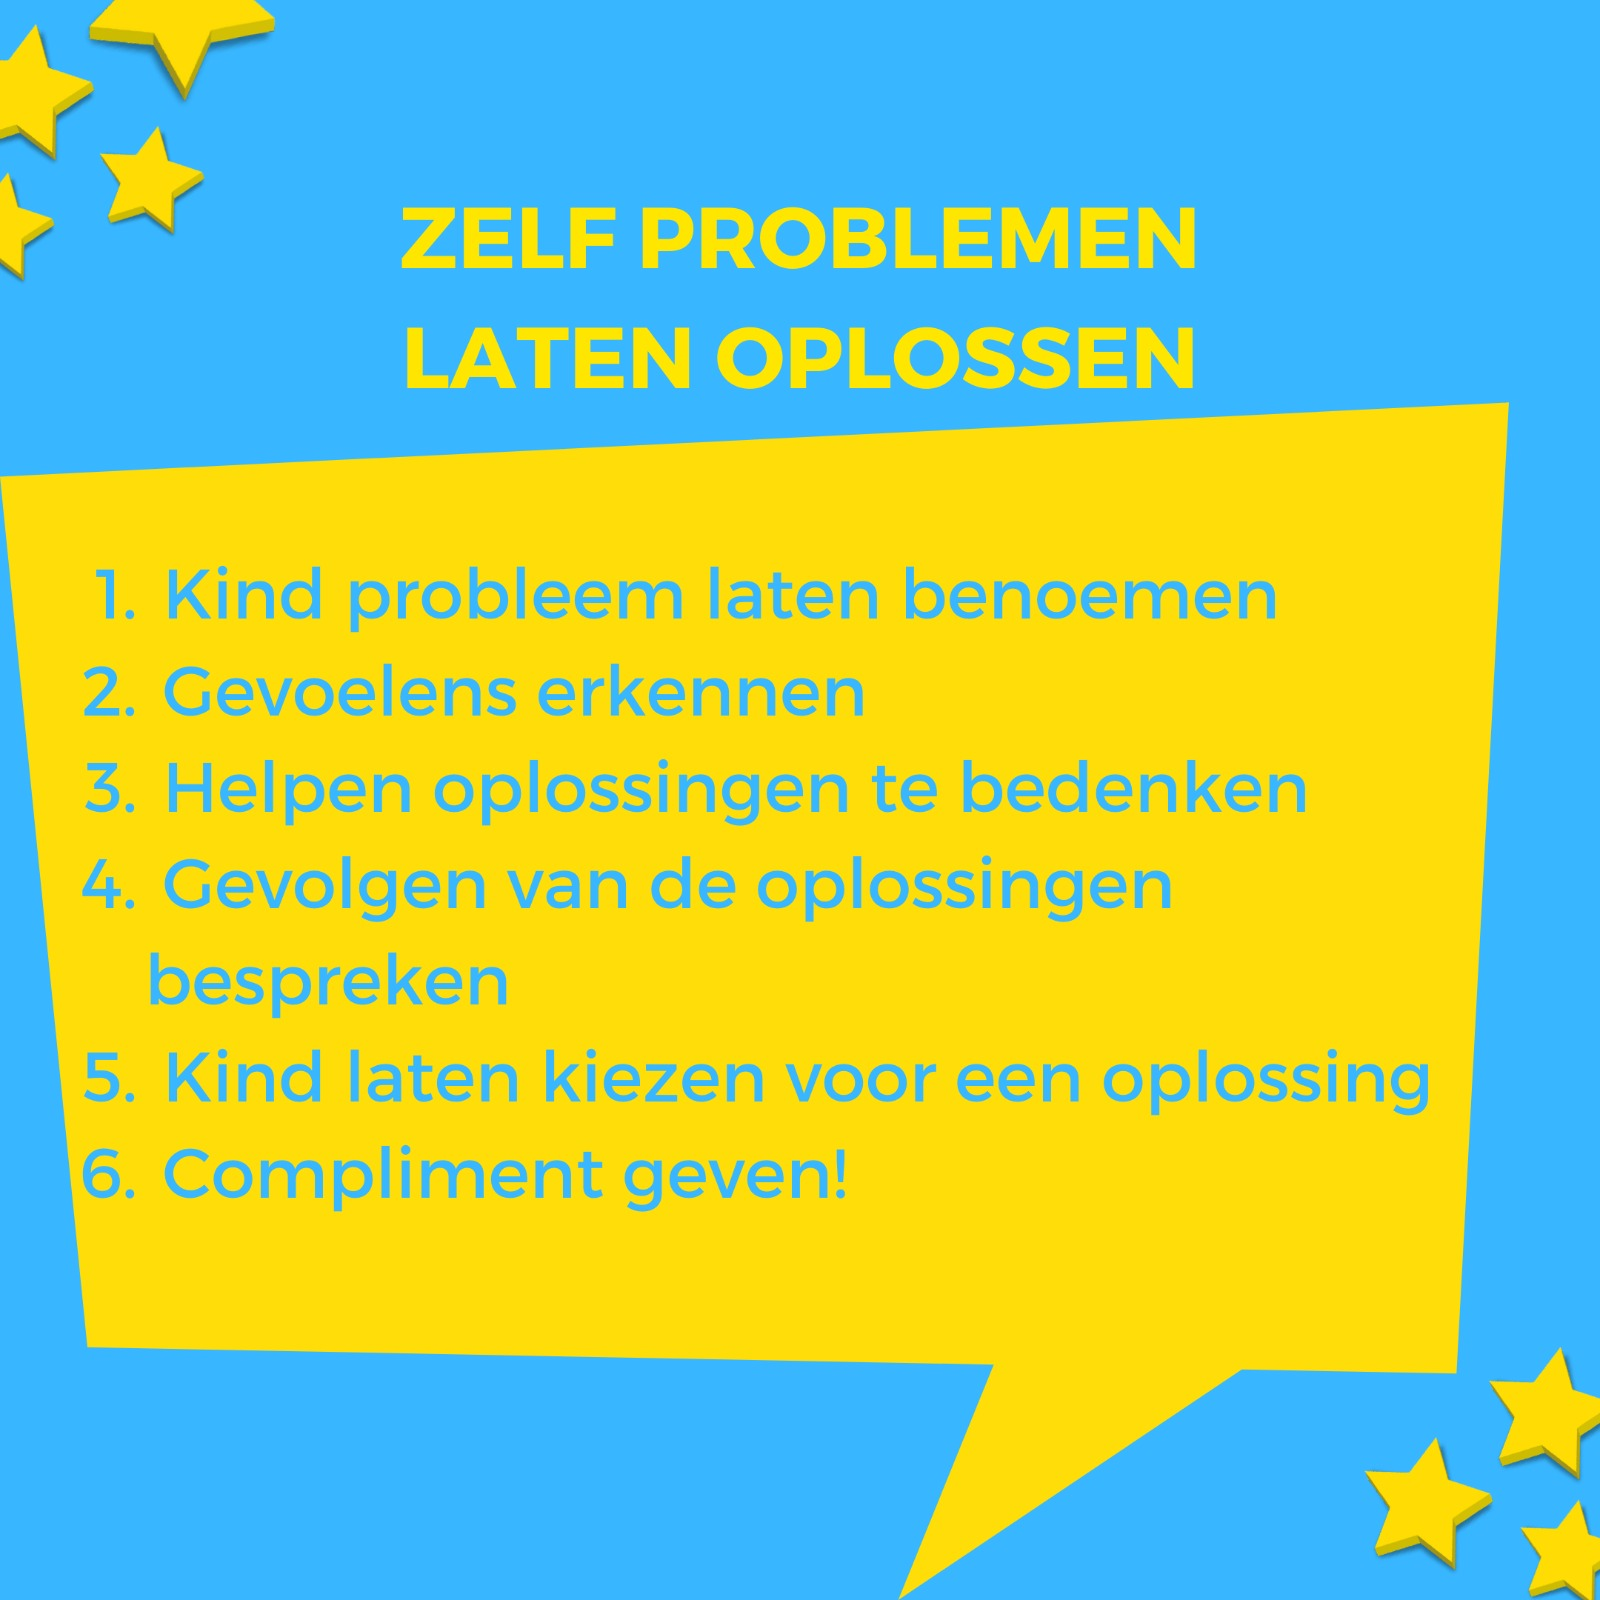 Tips zelf problemen laten oplossen